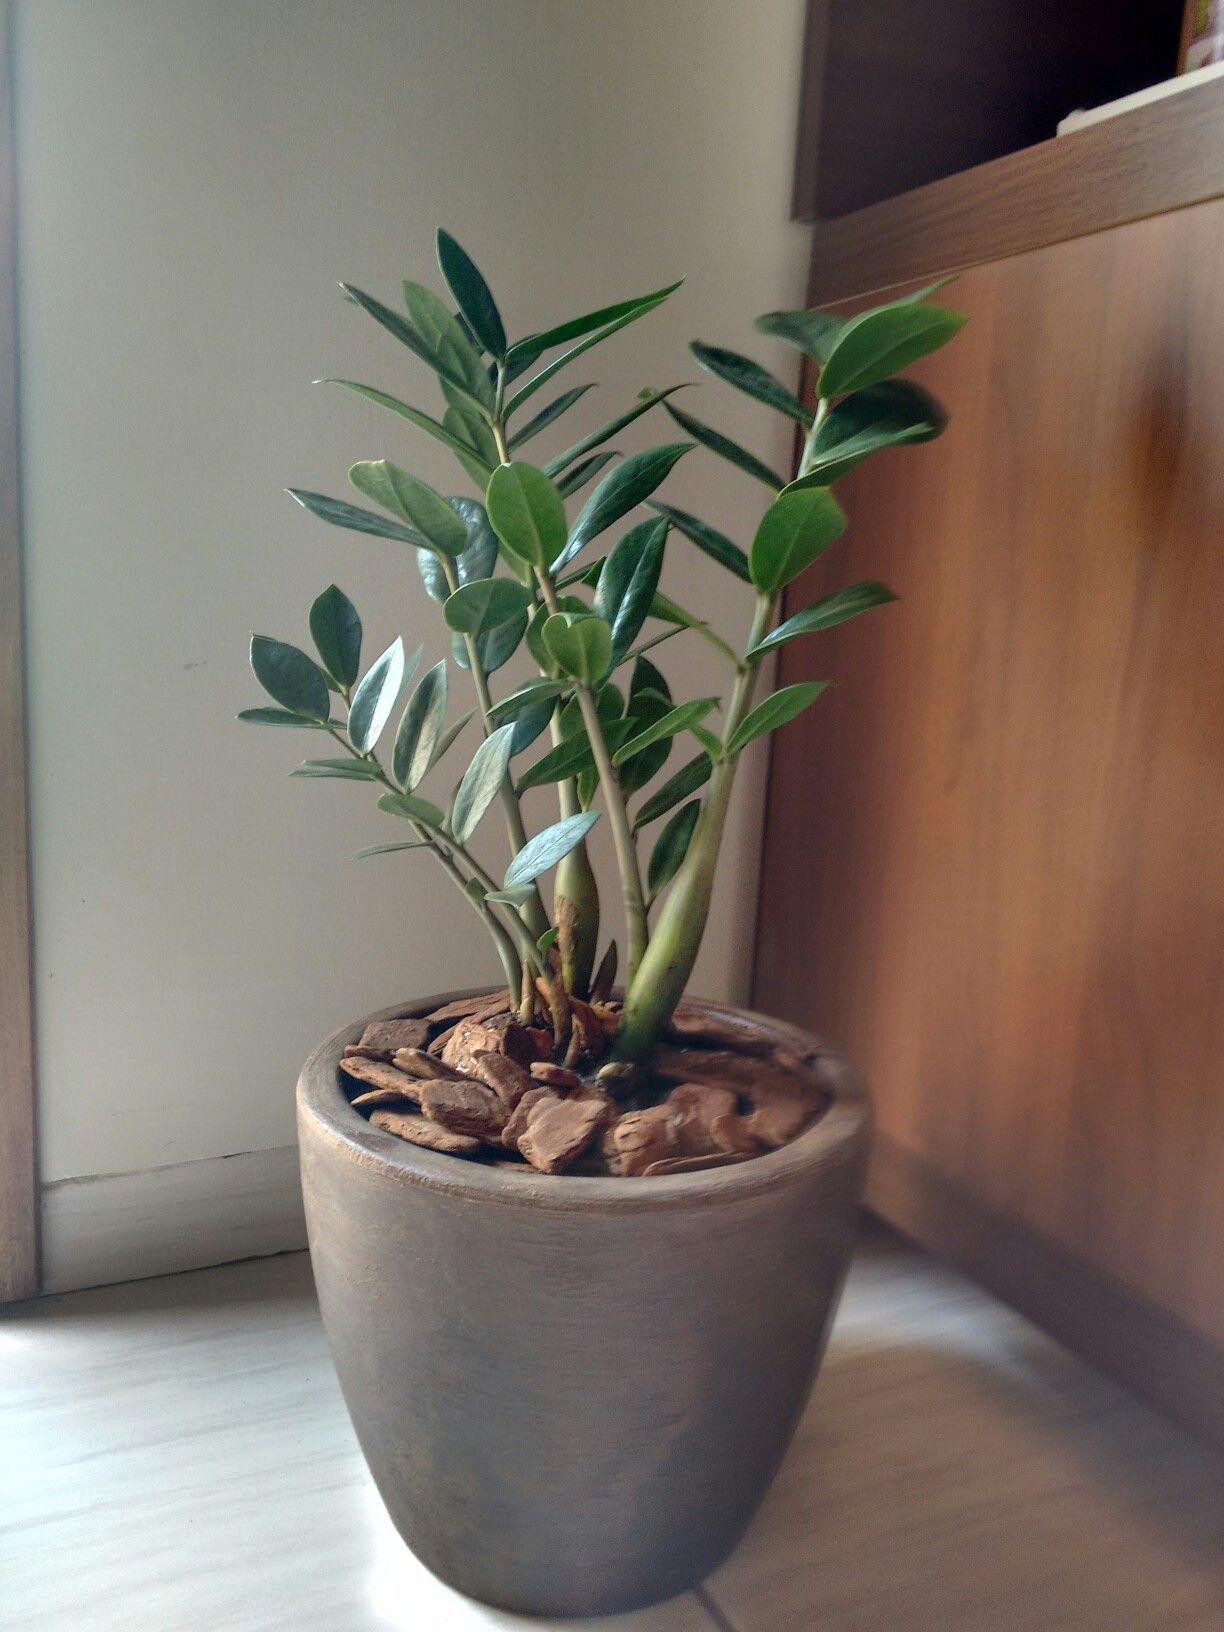 Zz Plant Poisonous